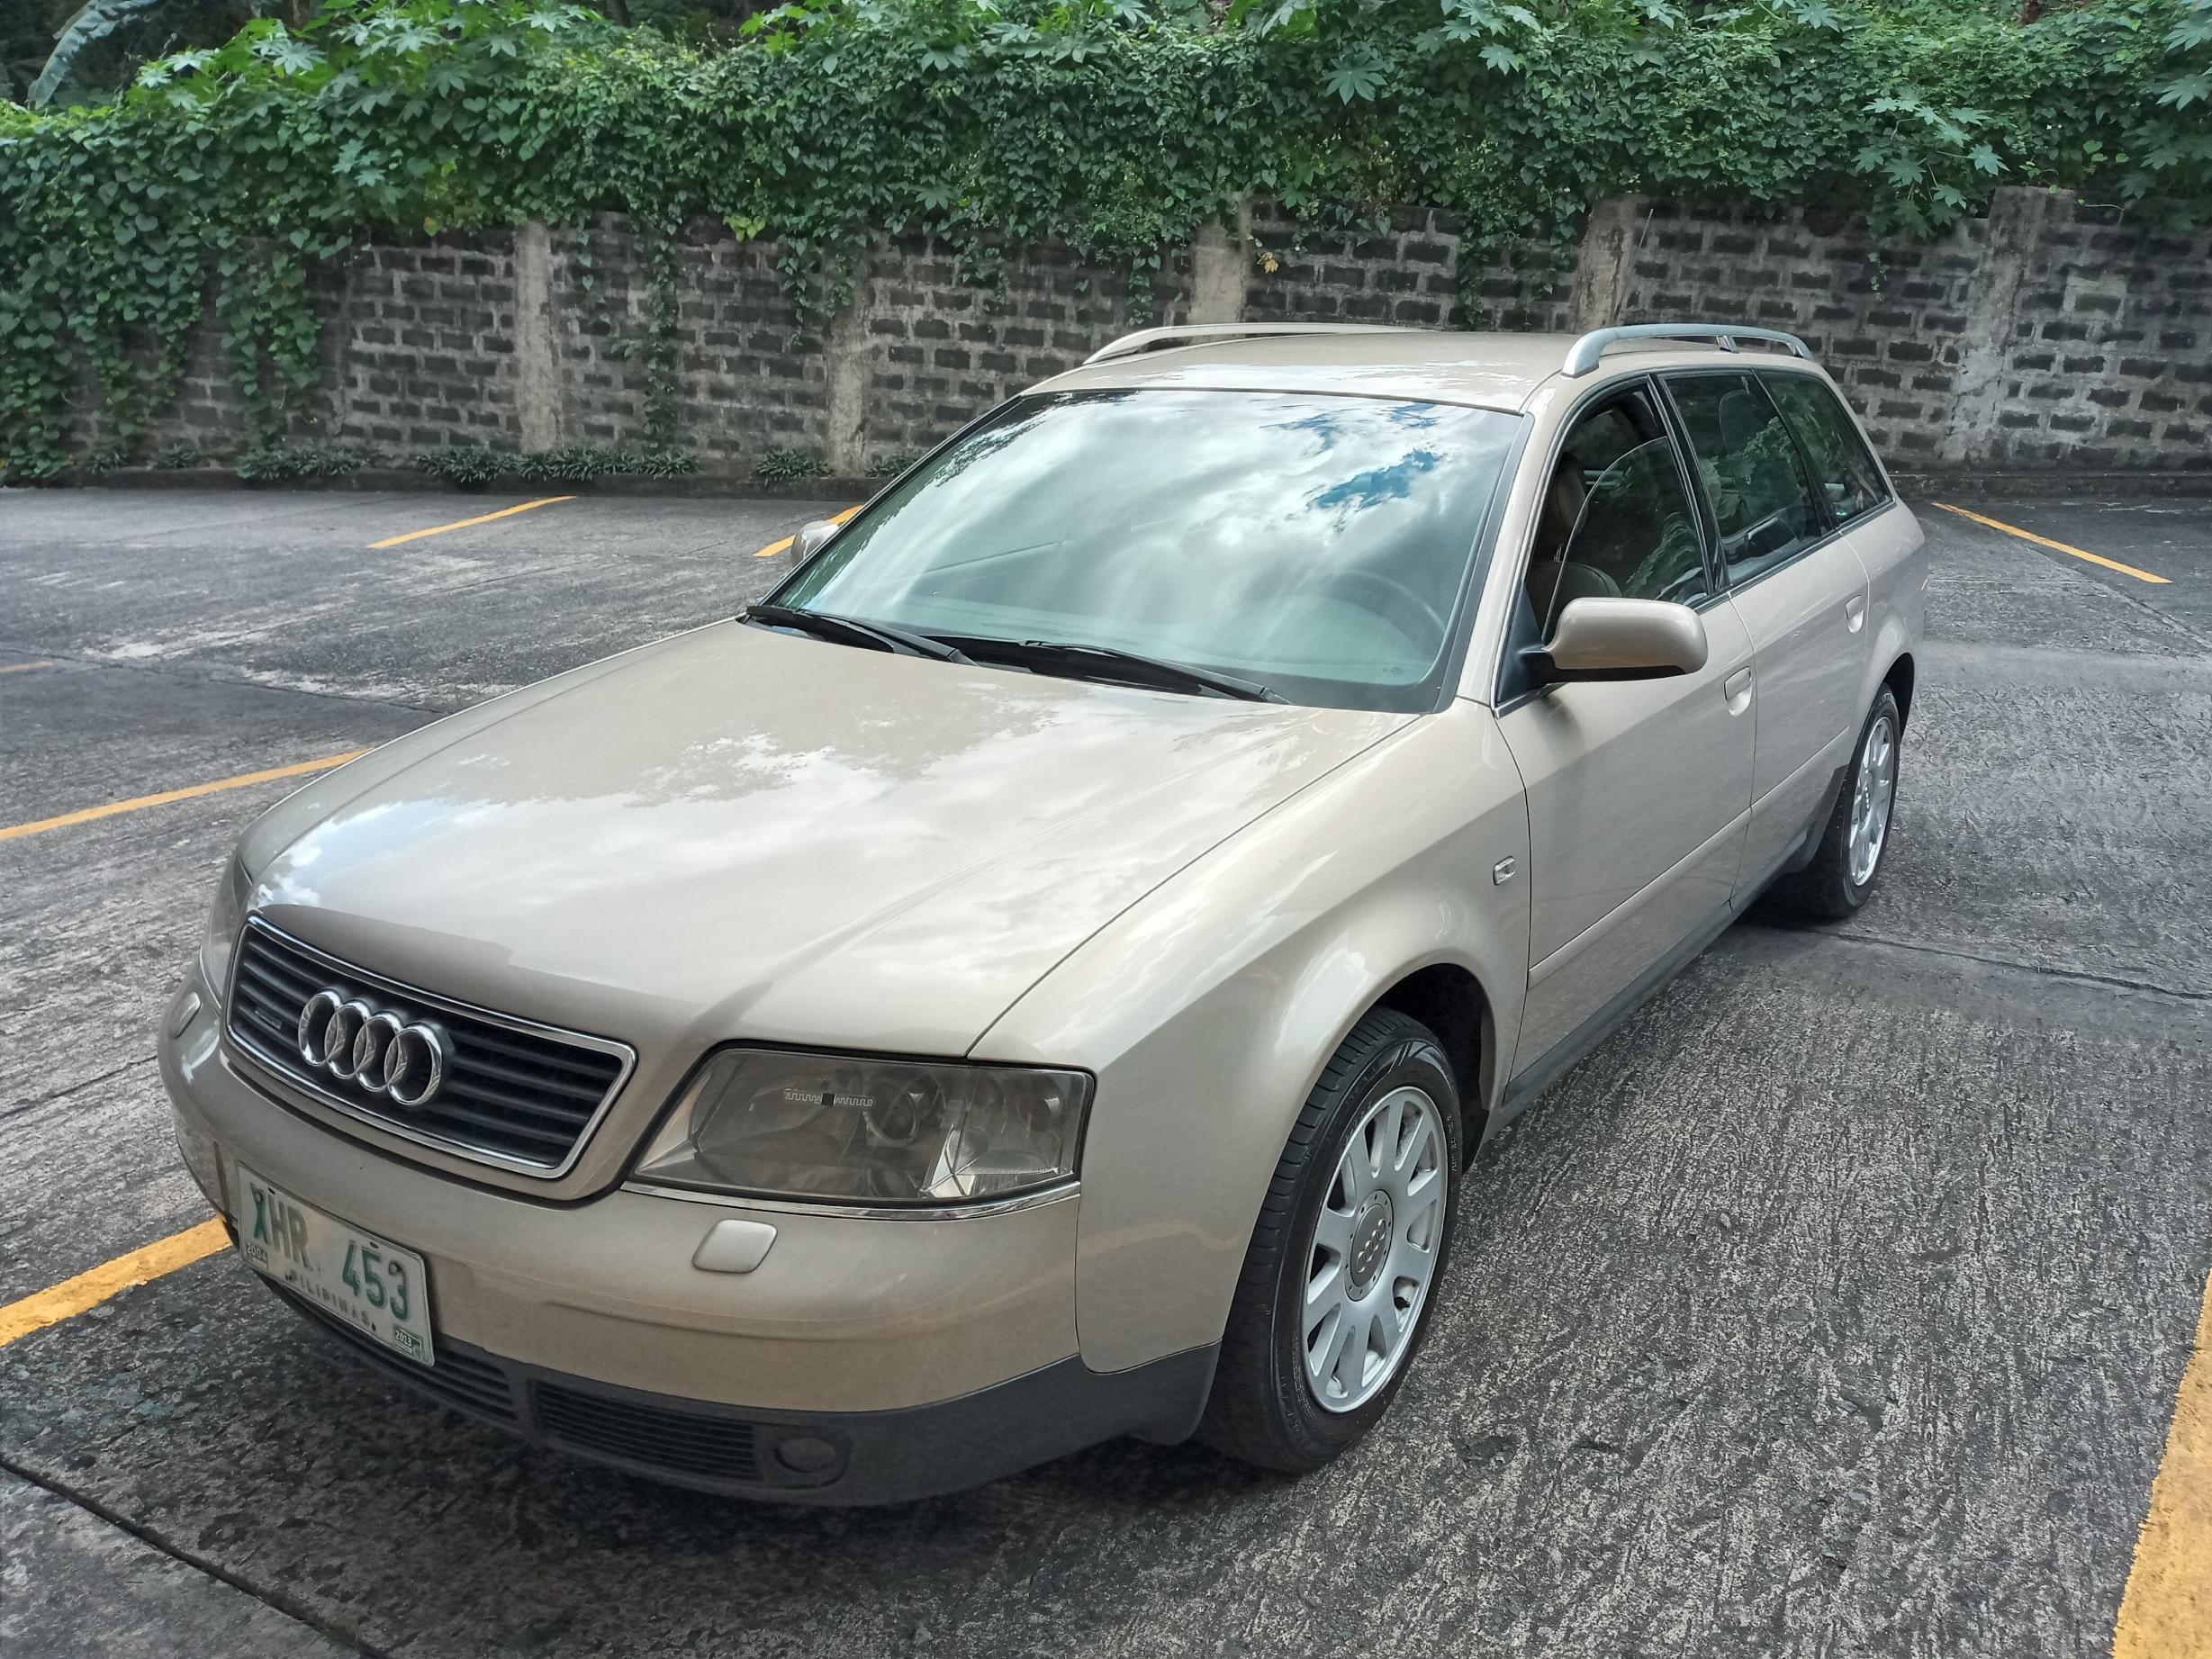 2003 Audi A6 Sedan